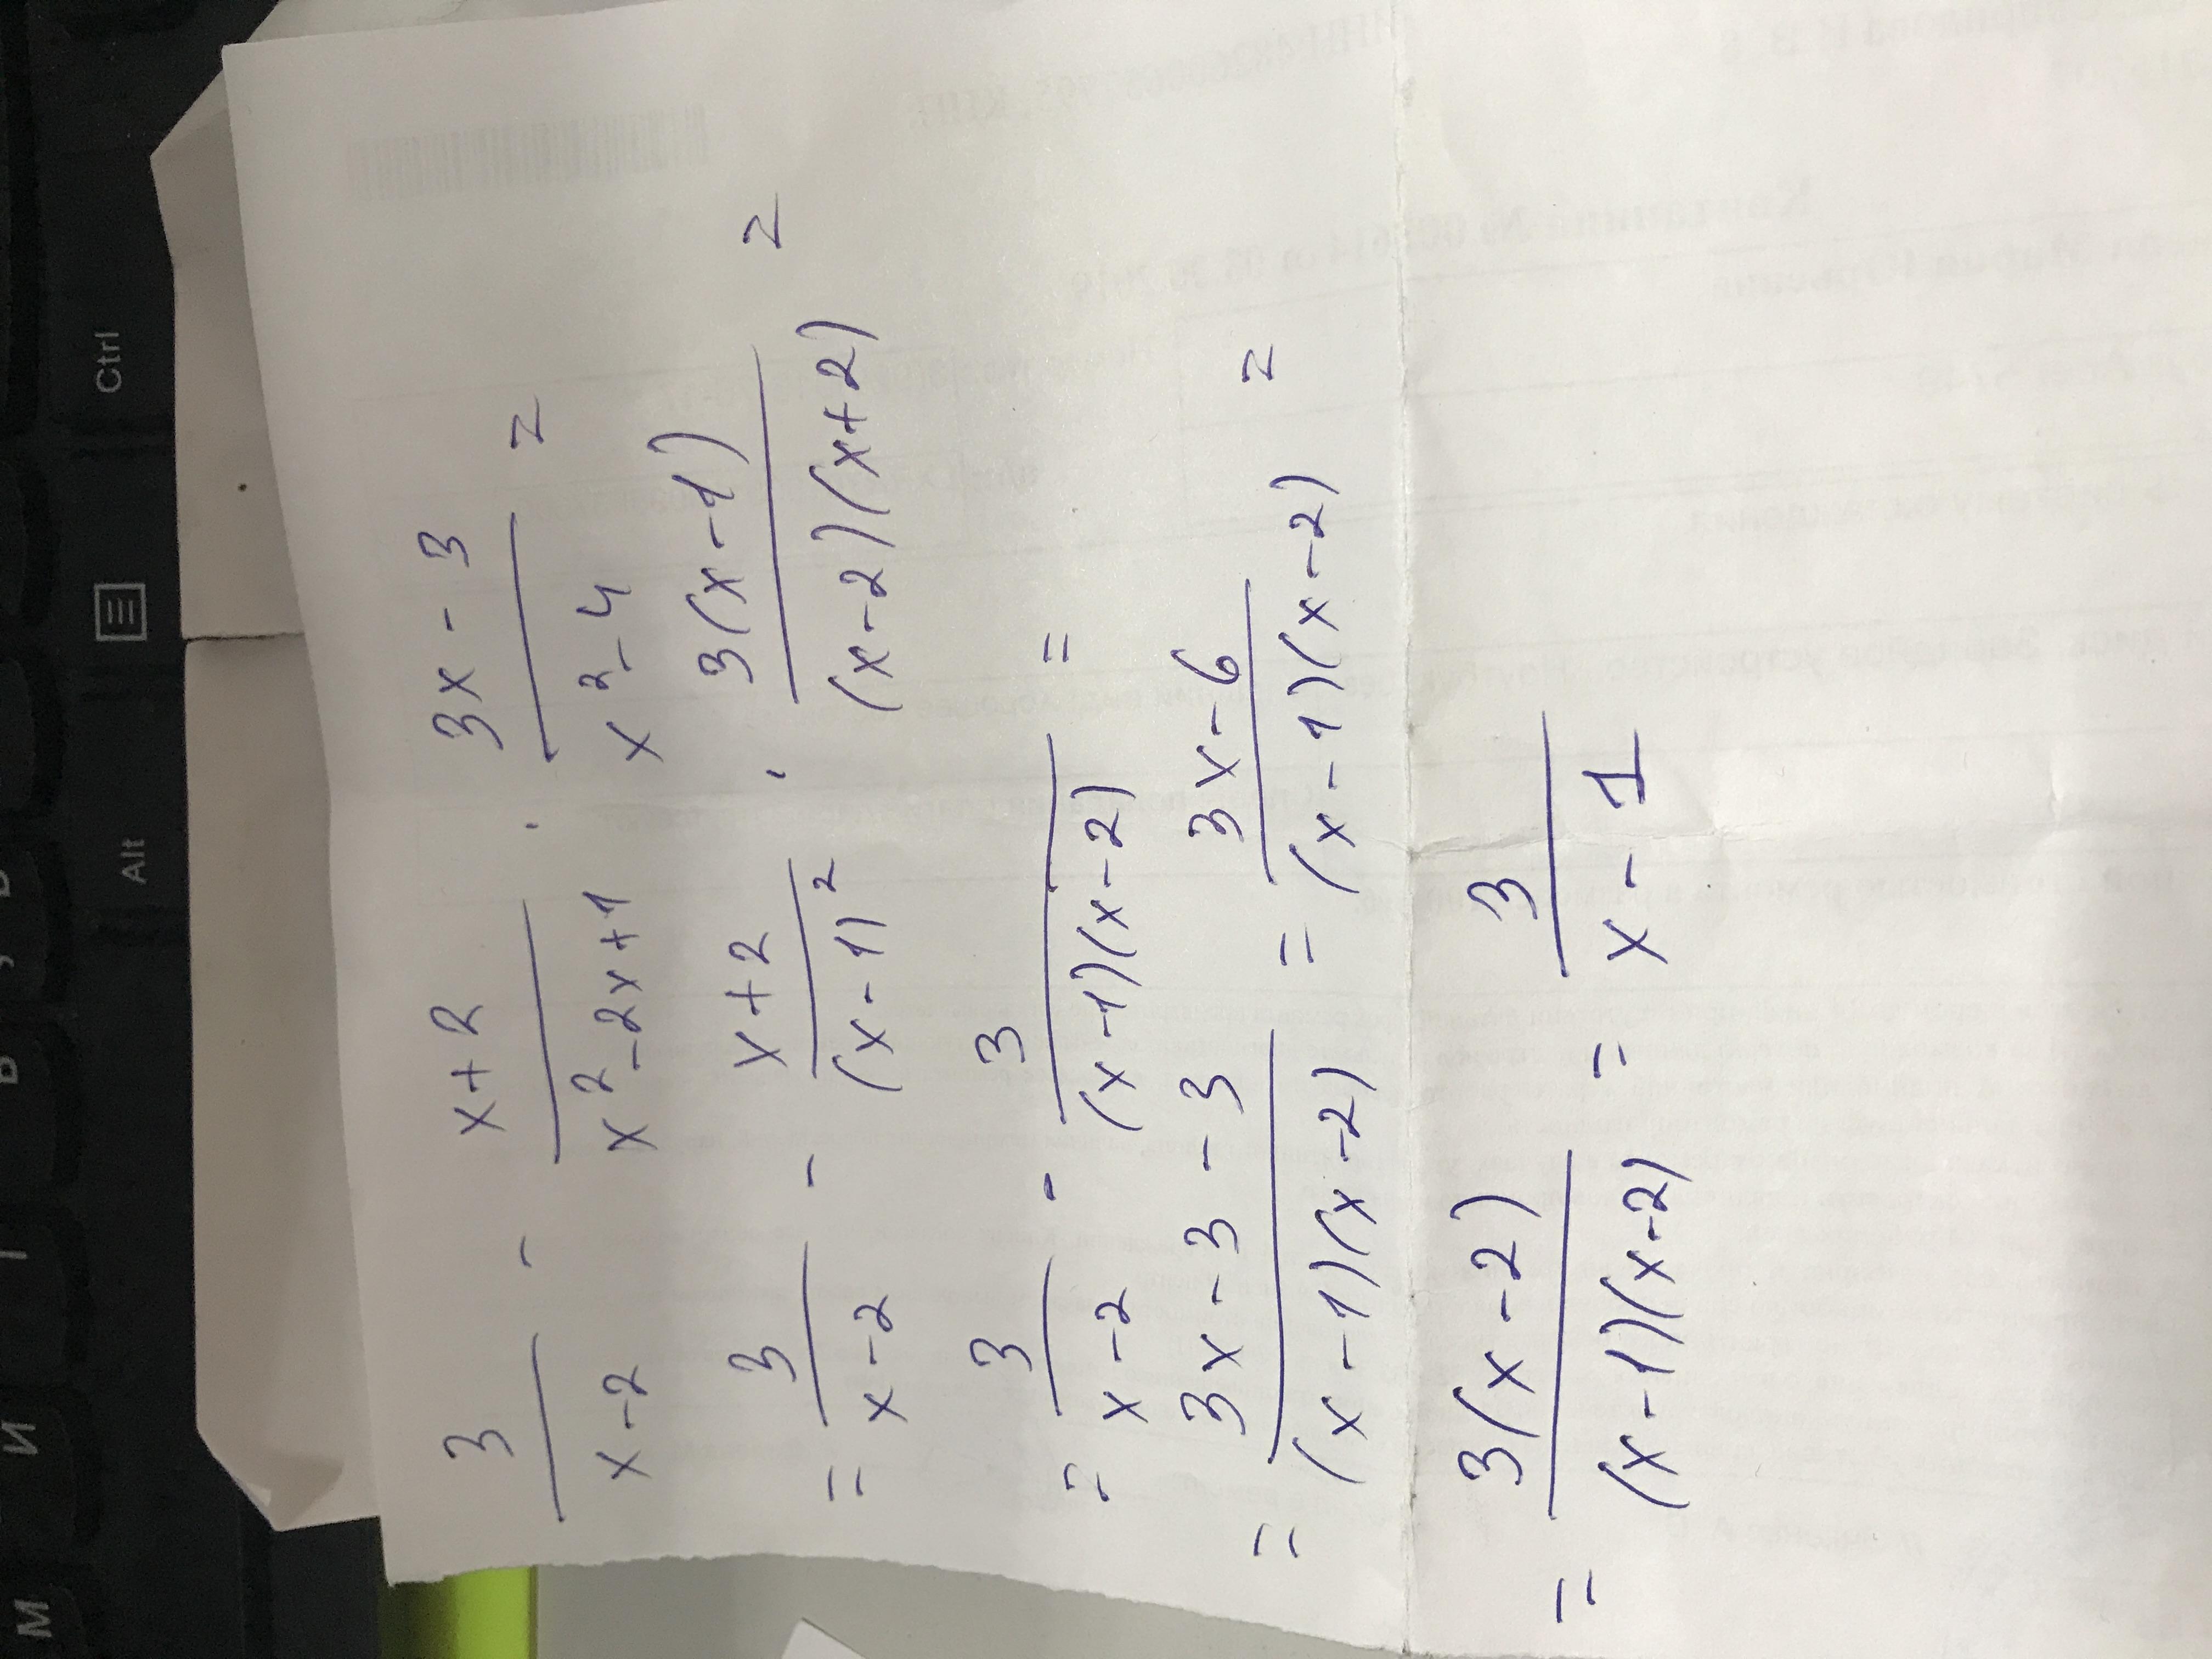 3/(x-2)-(x+2)/(x^2-2x+1)*(3x-3)/(x^2-4)